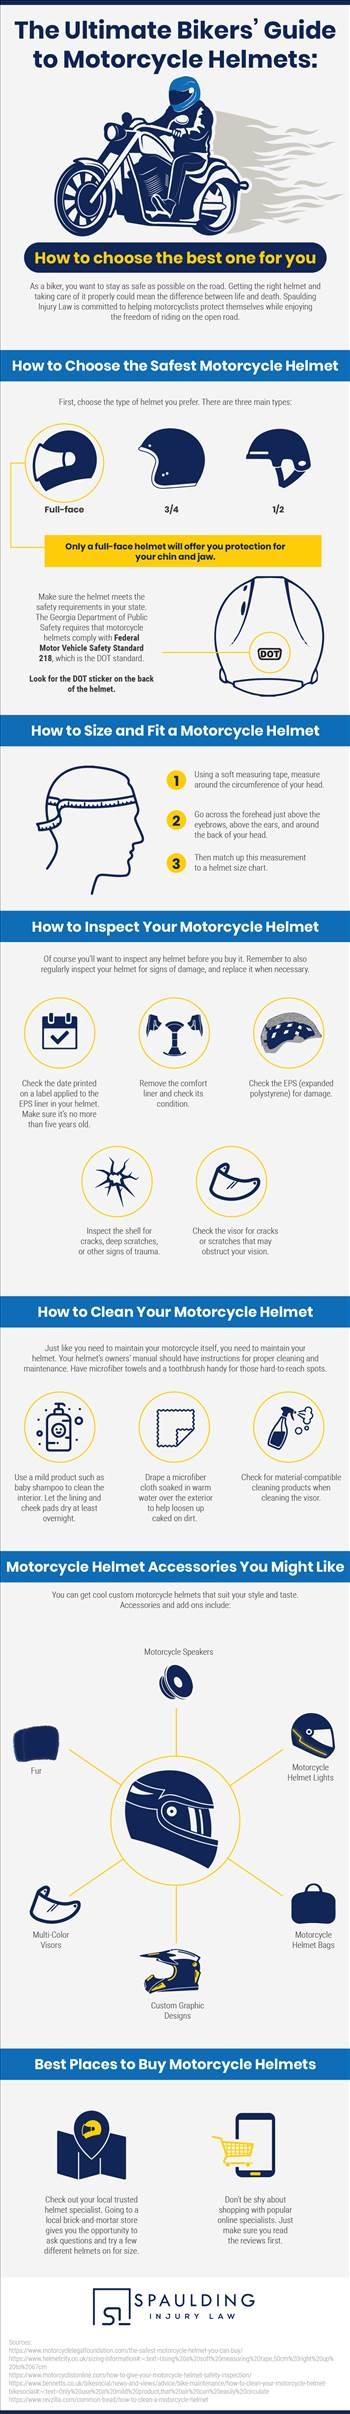 motorcycle-helmets-guide.jpg by spauldinglaw